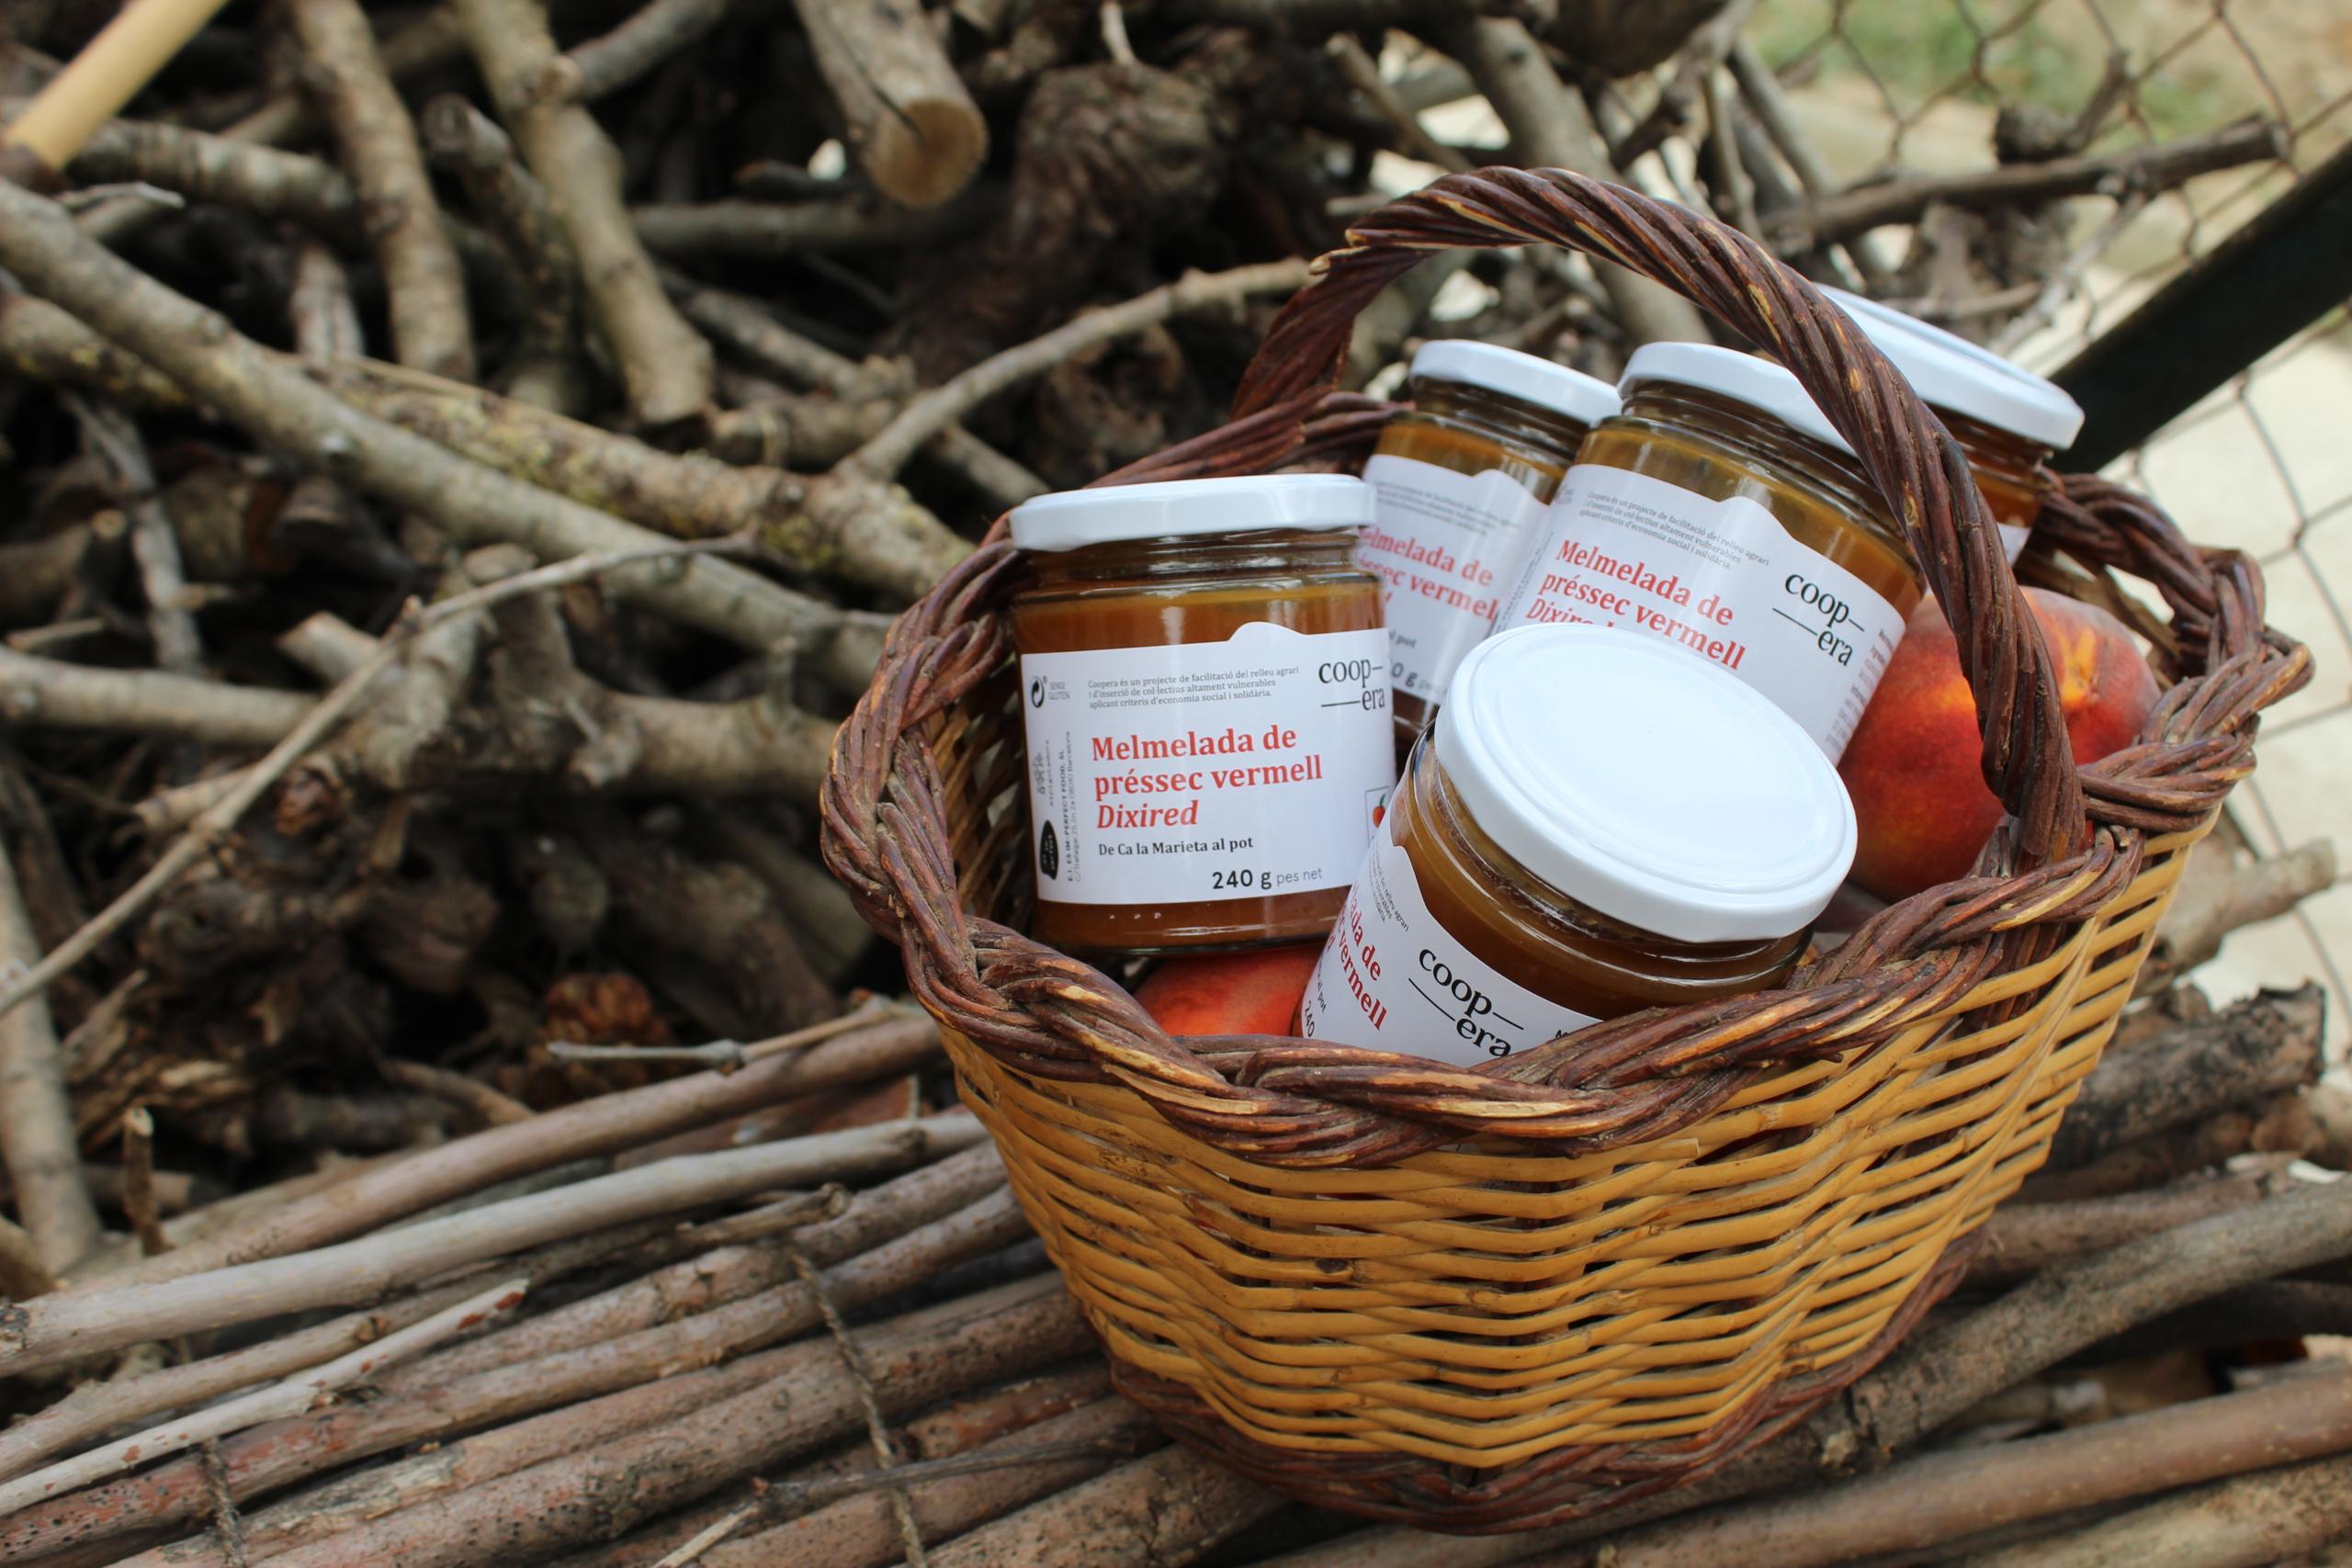 Coopera treu al mercat la seva primera melmelada de préssec | Cedida